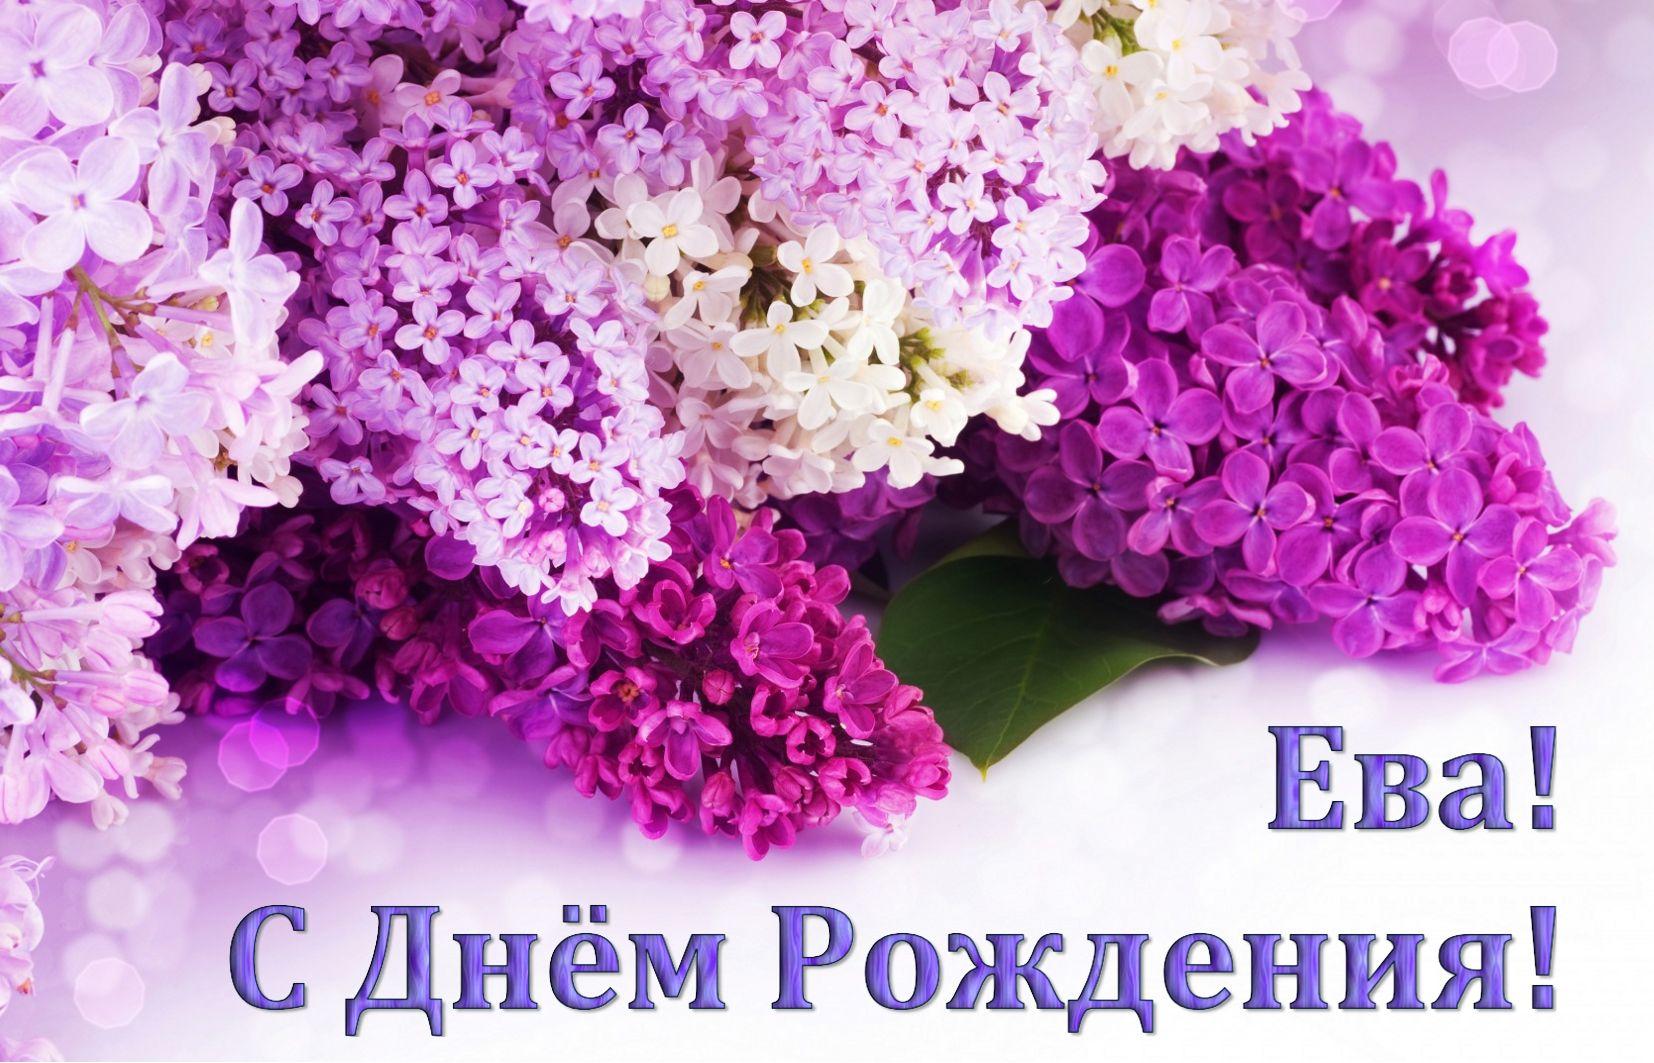 Цветы сирени на День рождения Еве